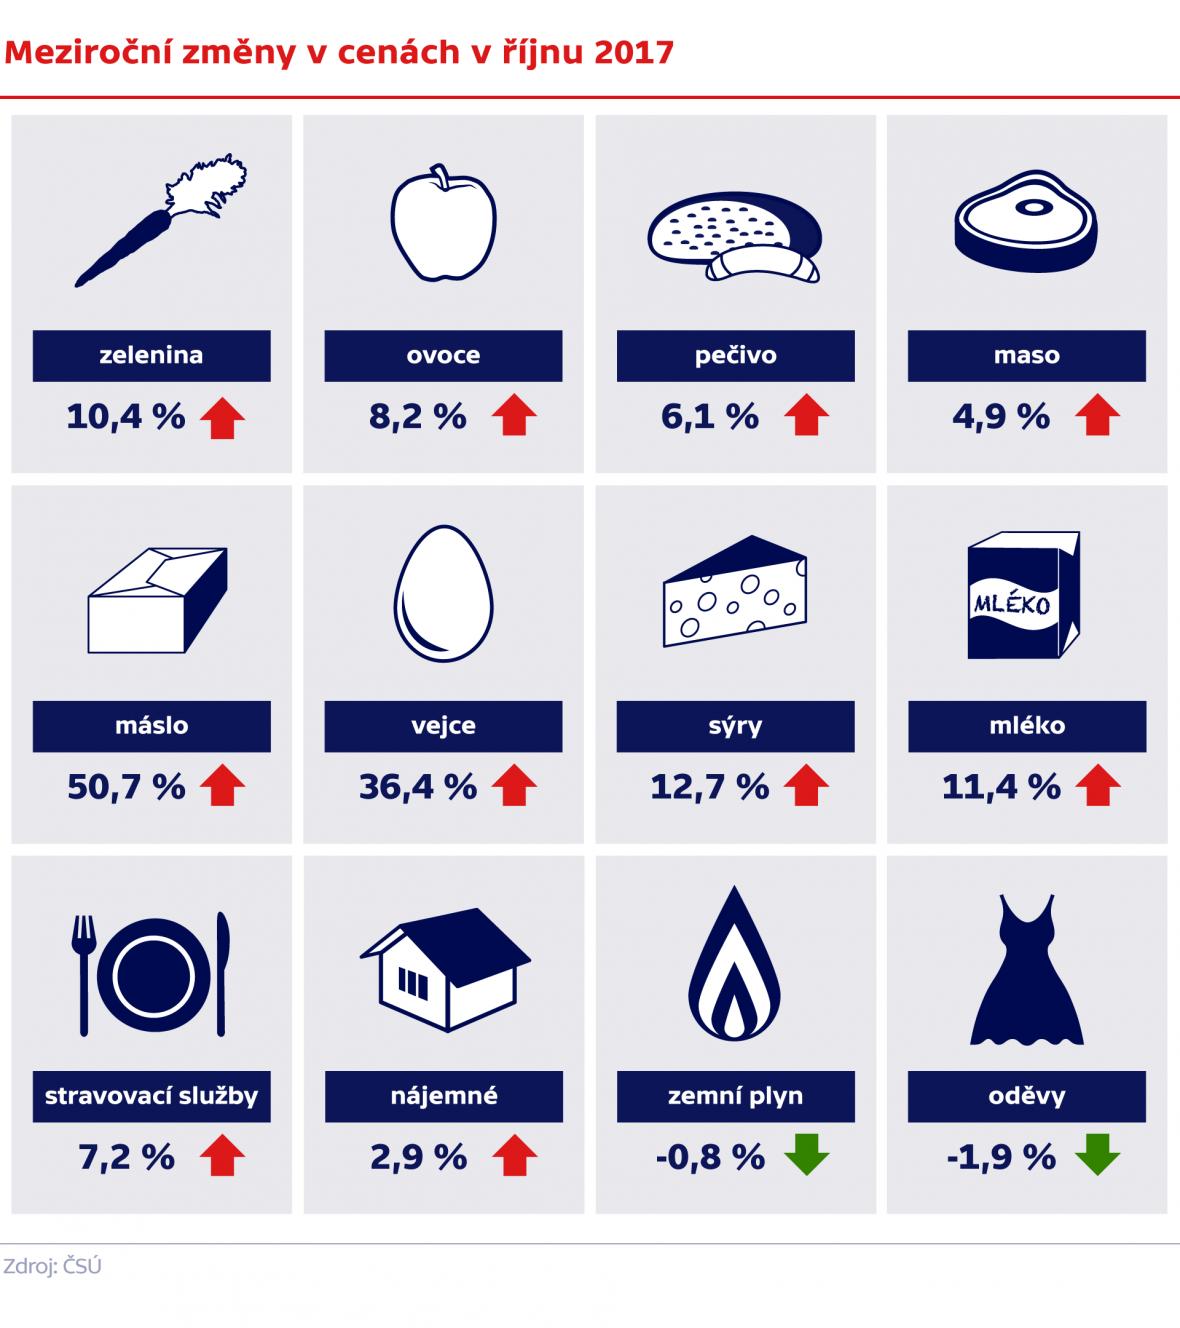 Meziroční změny v cenách v říjnu 2017